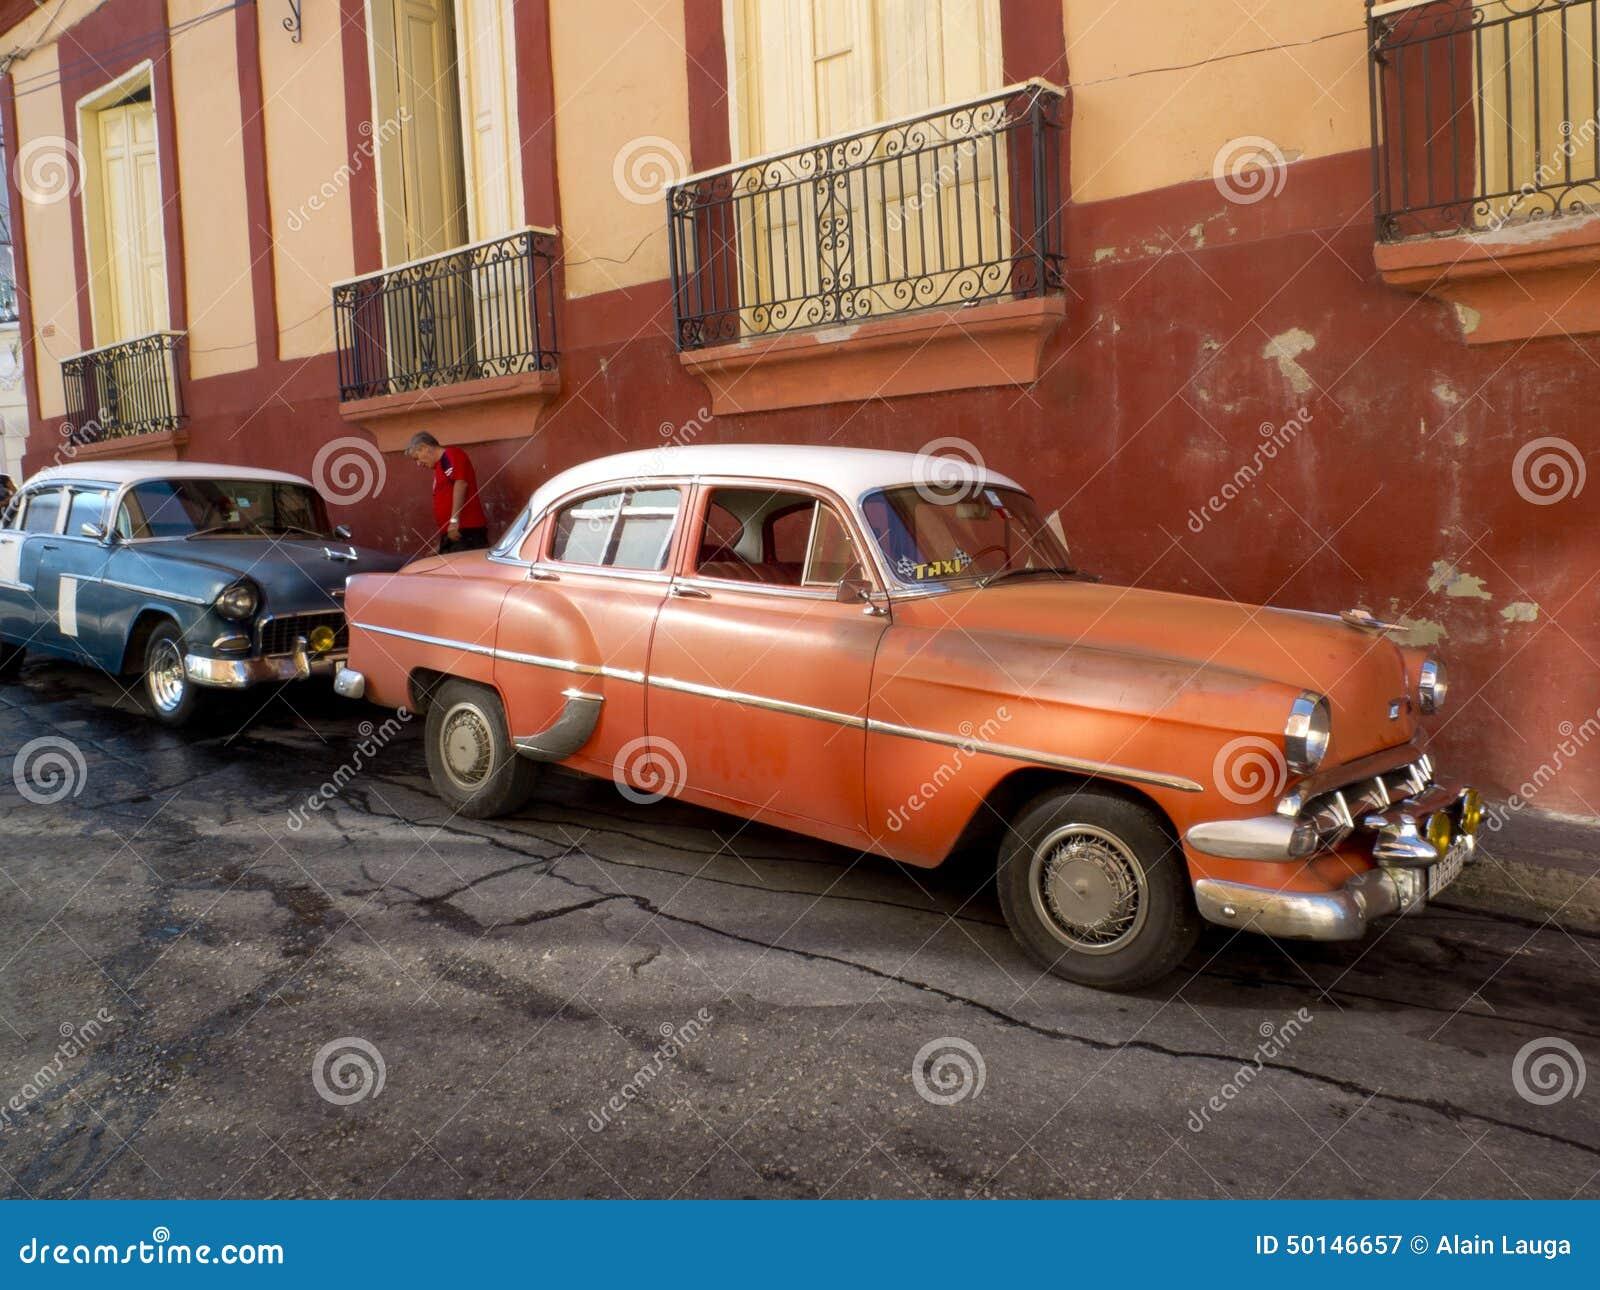 Vintage american cars parked in Santiago de Cuba.